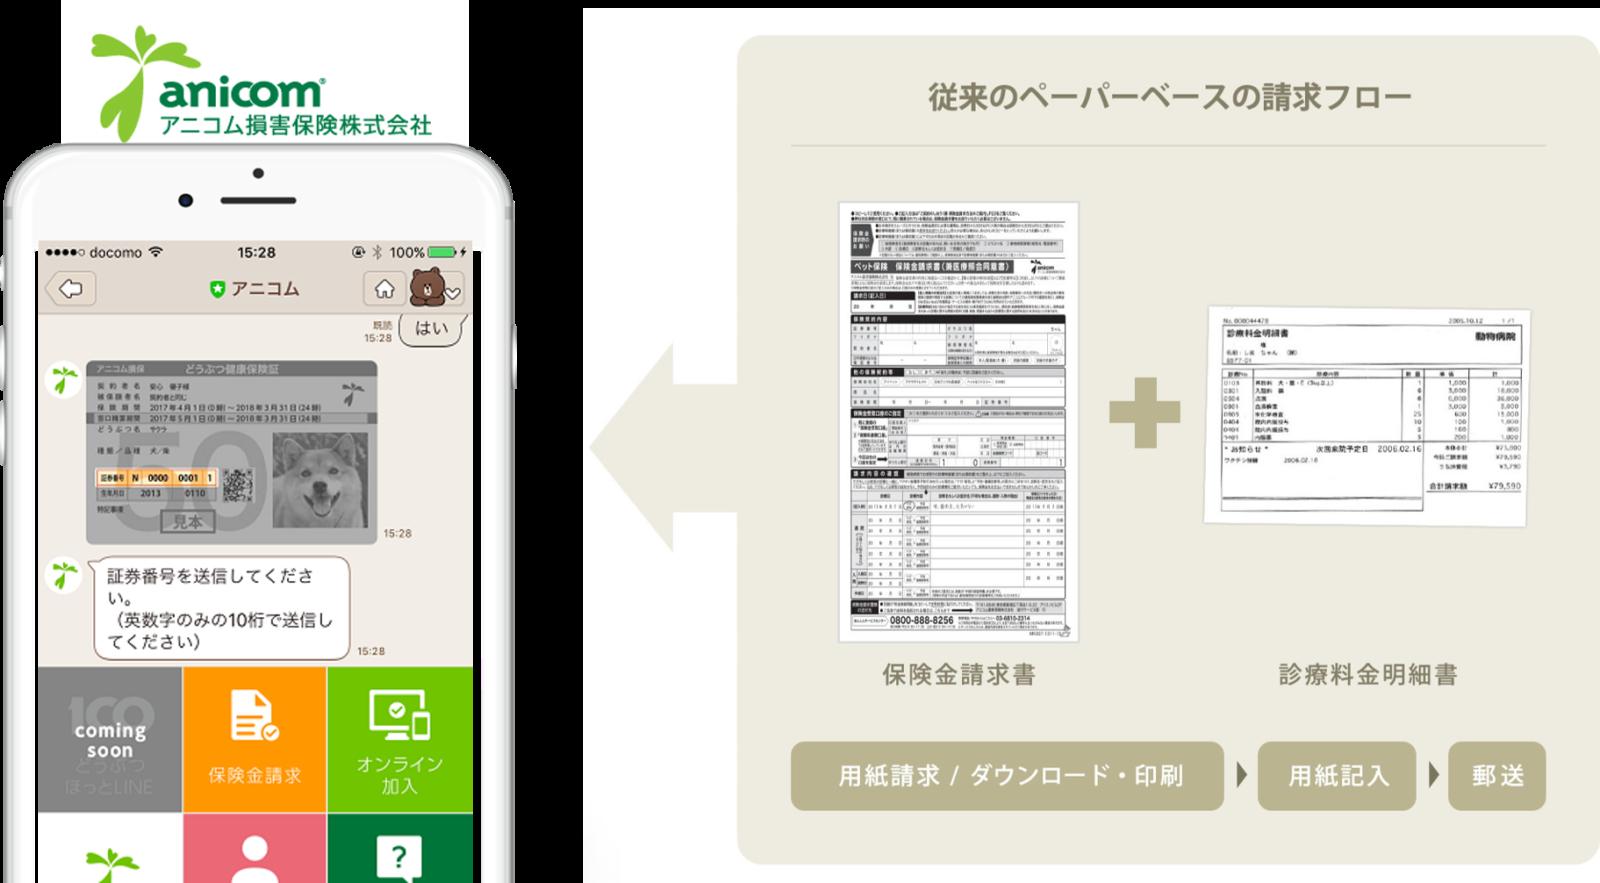 アニコム損保では、従来のペーパーベースの請求フロー(保険金請求書をダウンロードして印刷し、用紙に記入し、診療料金明細書と共に郵送)から、LINEを活用した手続きへ